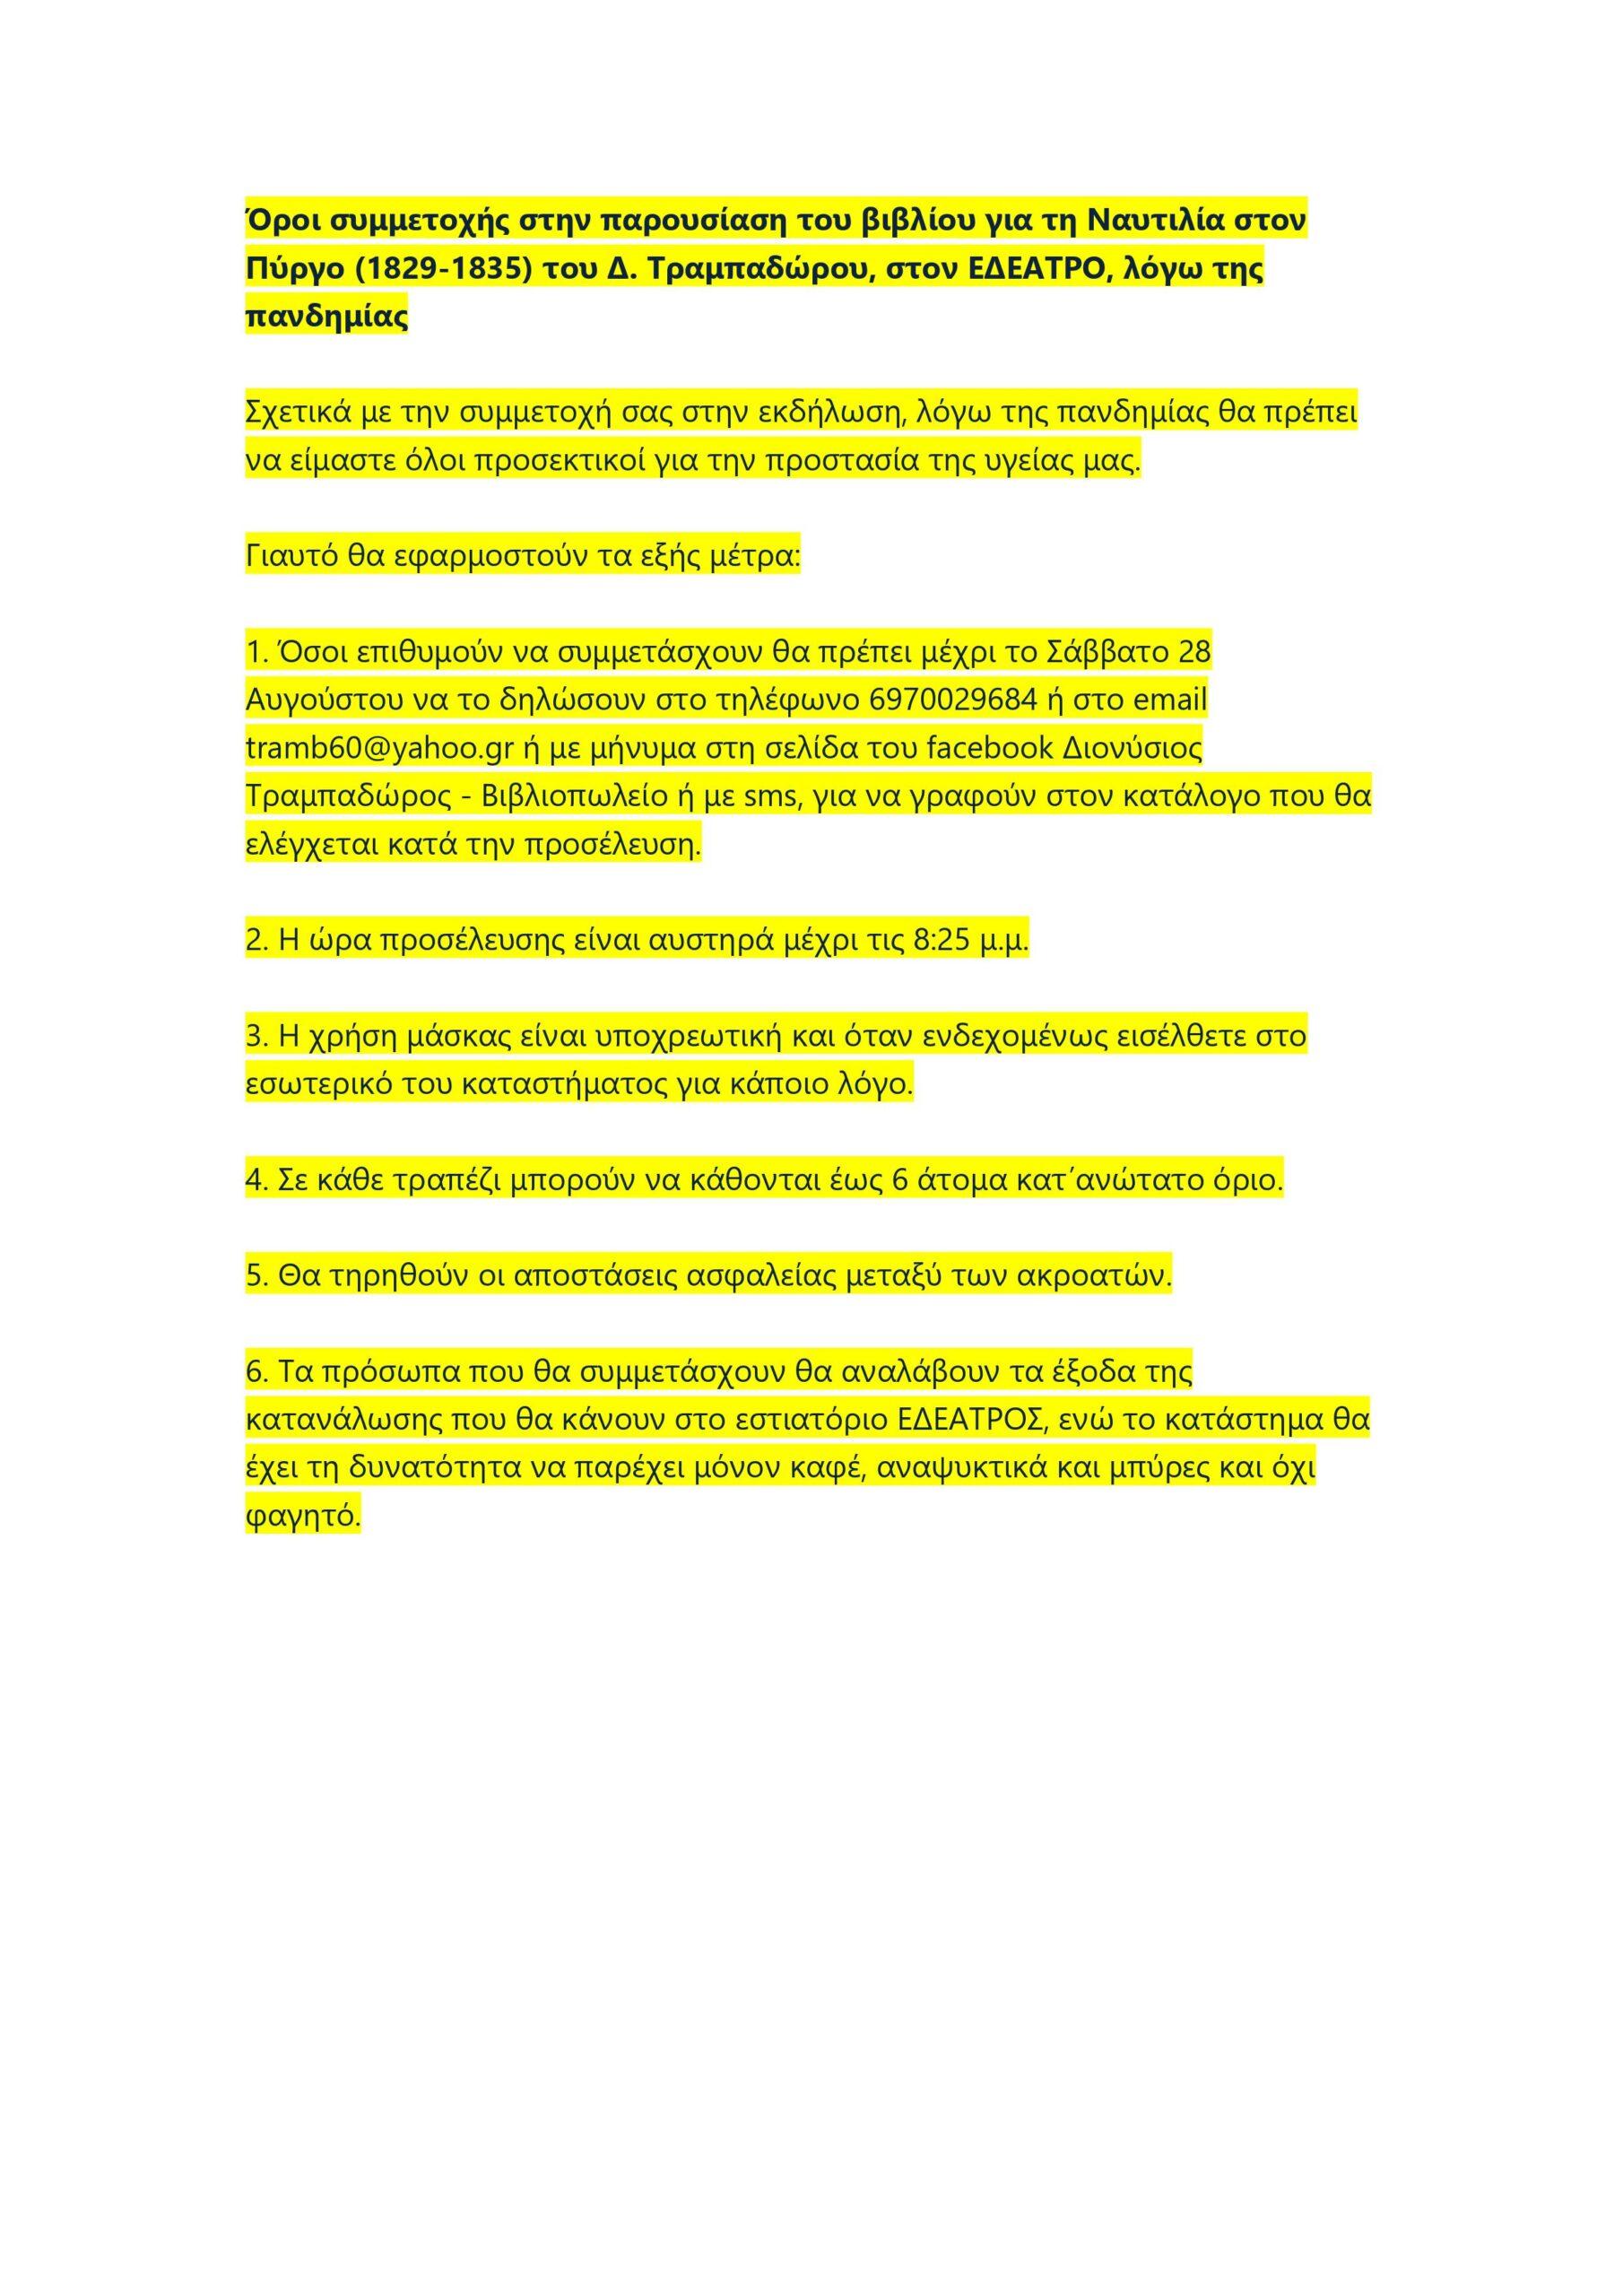 Την Κυριακή, 29/8 θα παρουσιαστεί το βιβλίο του Διονύση (Σάκη) Τραμπαδώρου για την Ναυτιλία στον Πύργο κατά την Καποδιστριακή περίοδο και την περίοδο της Αντιβασιλείας